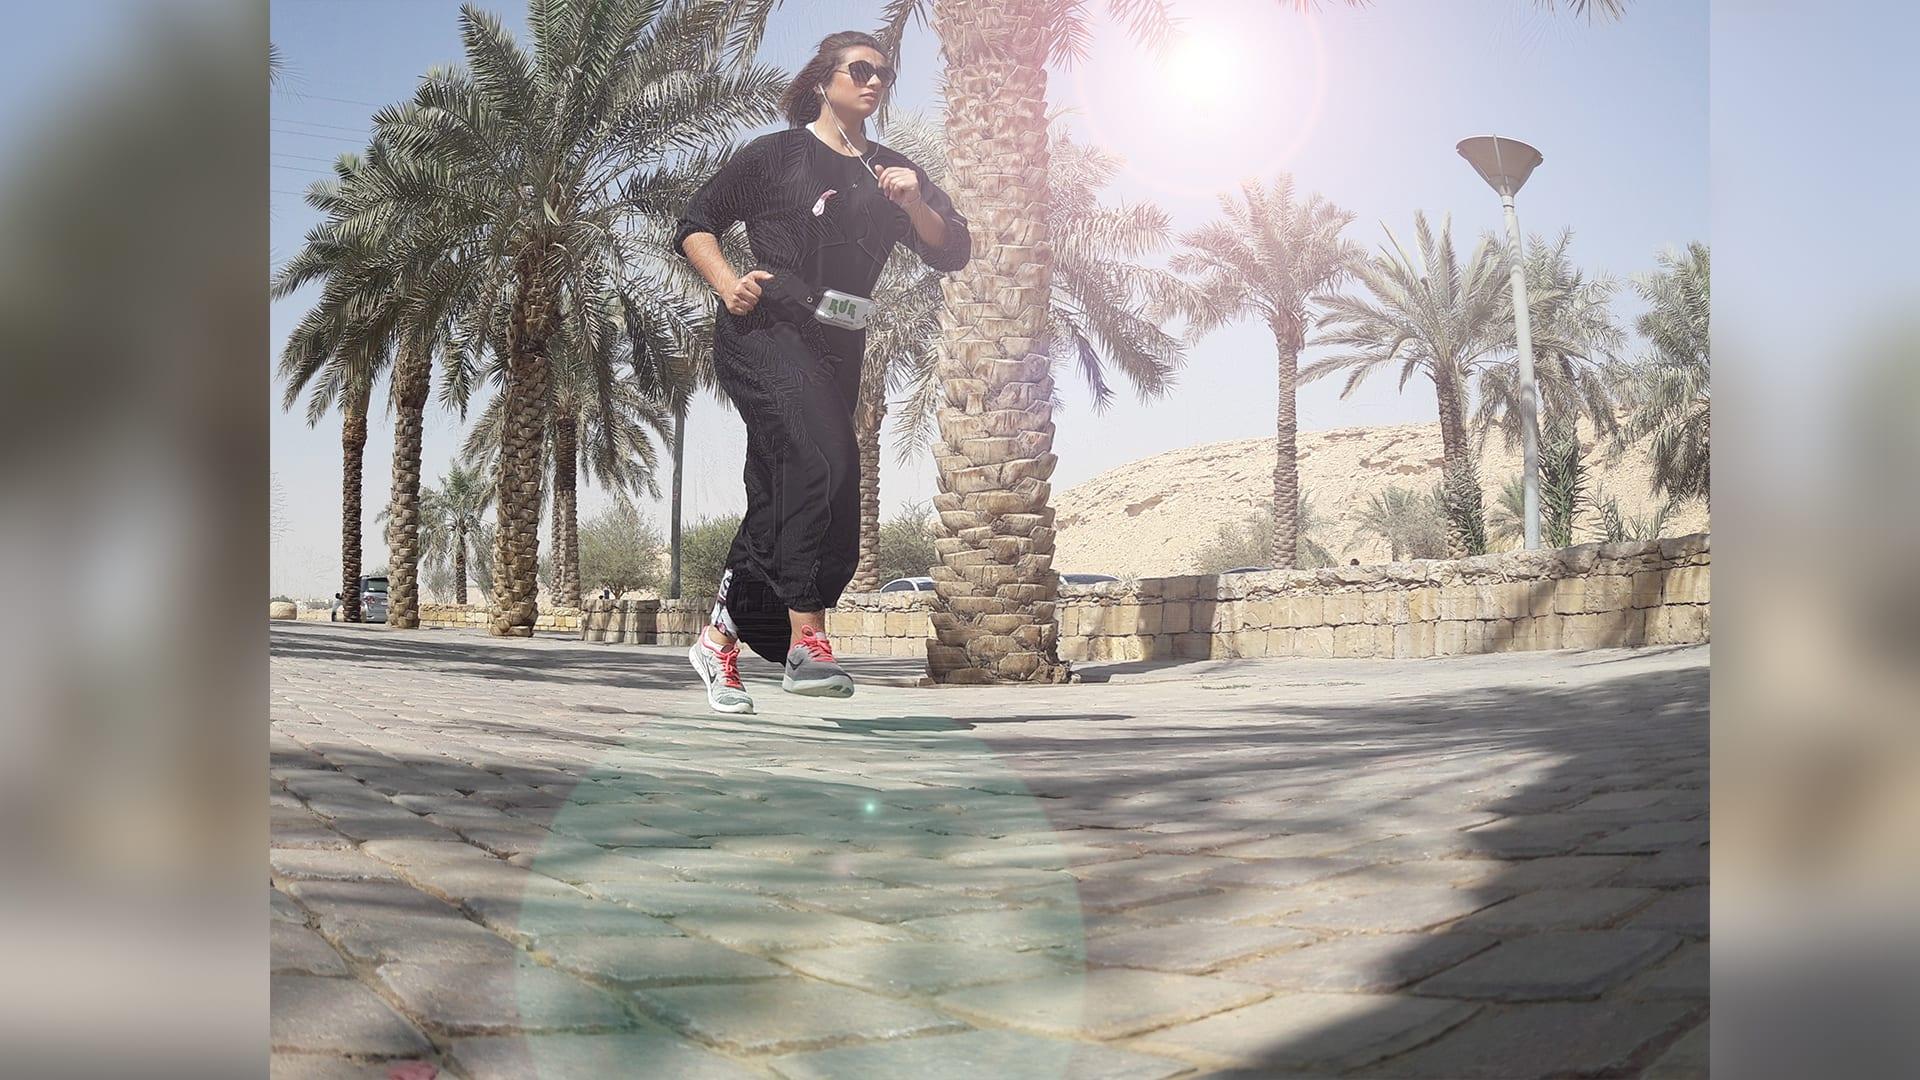 في السعودية.. هل هذا أول فريق نسائي لممارسة الجري في شوارع الرياض؟